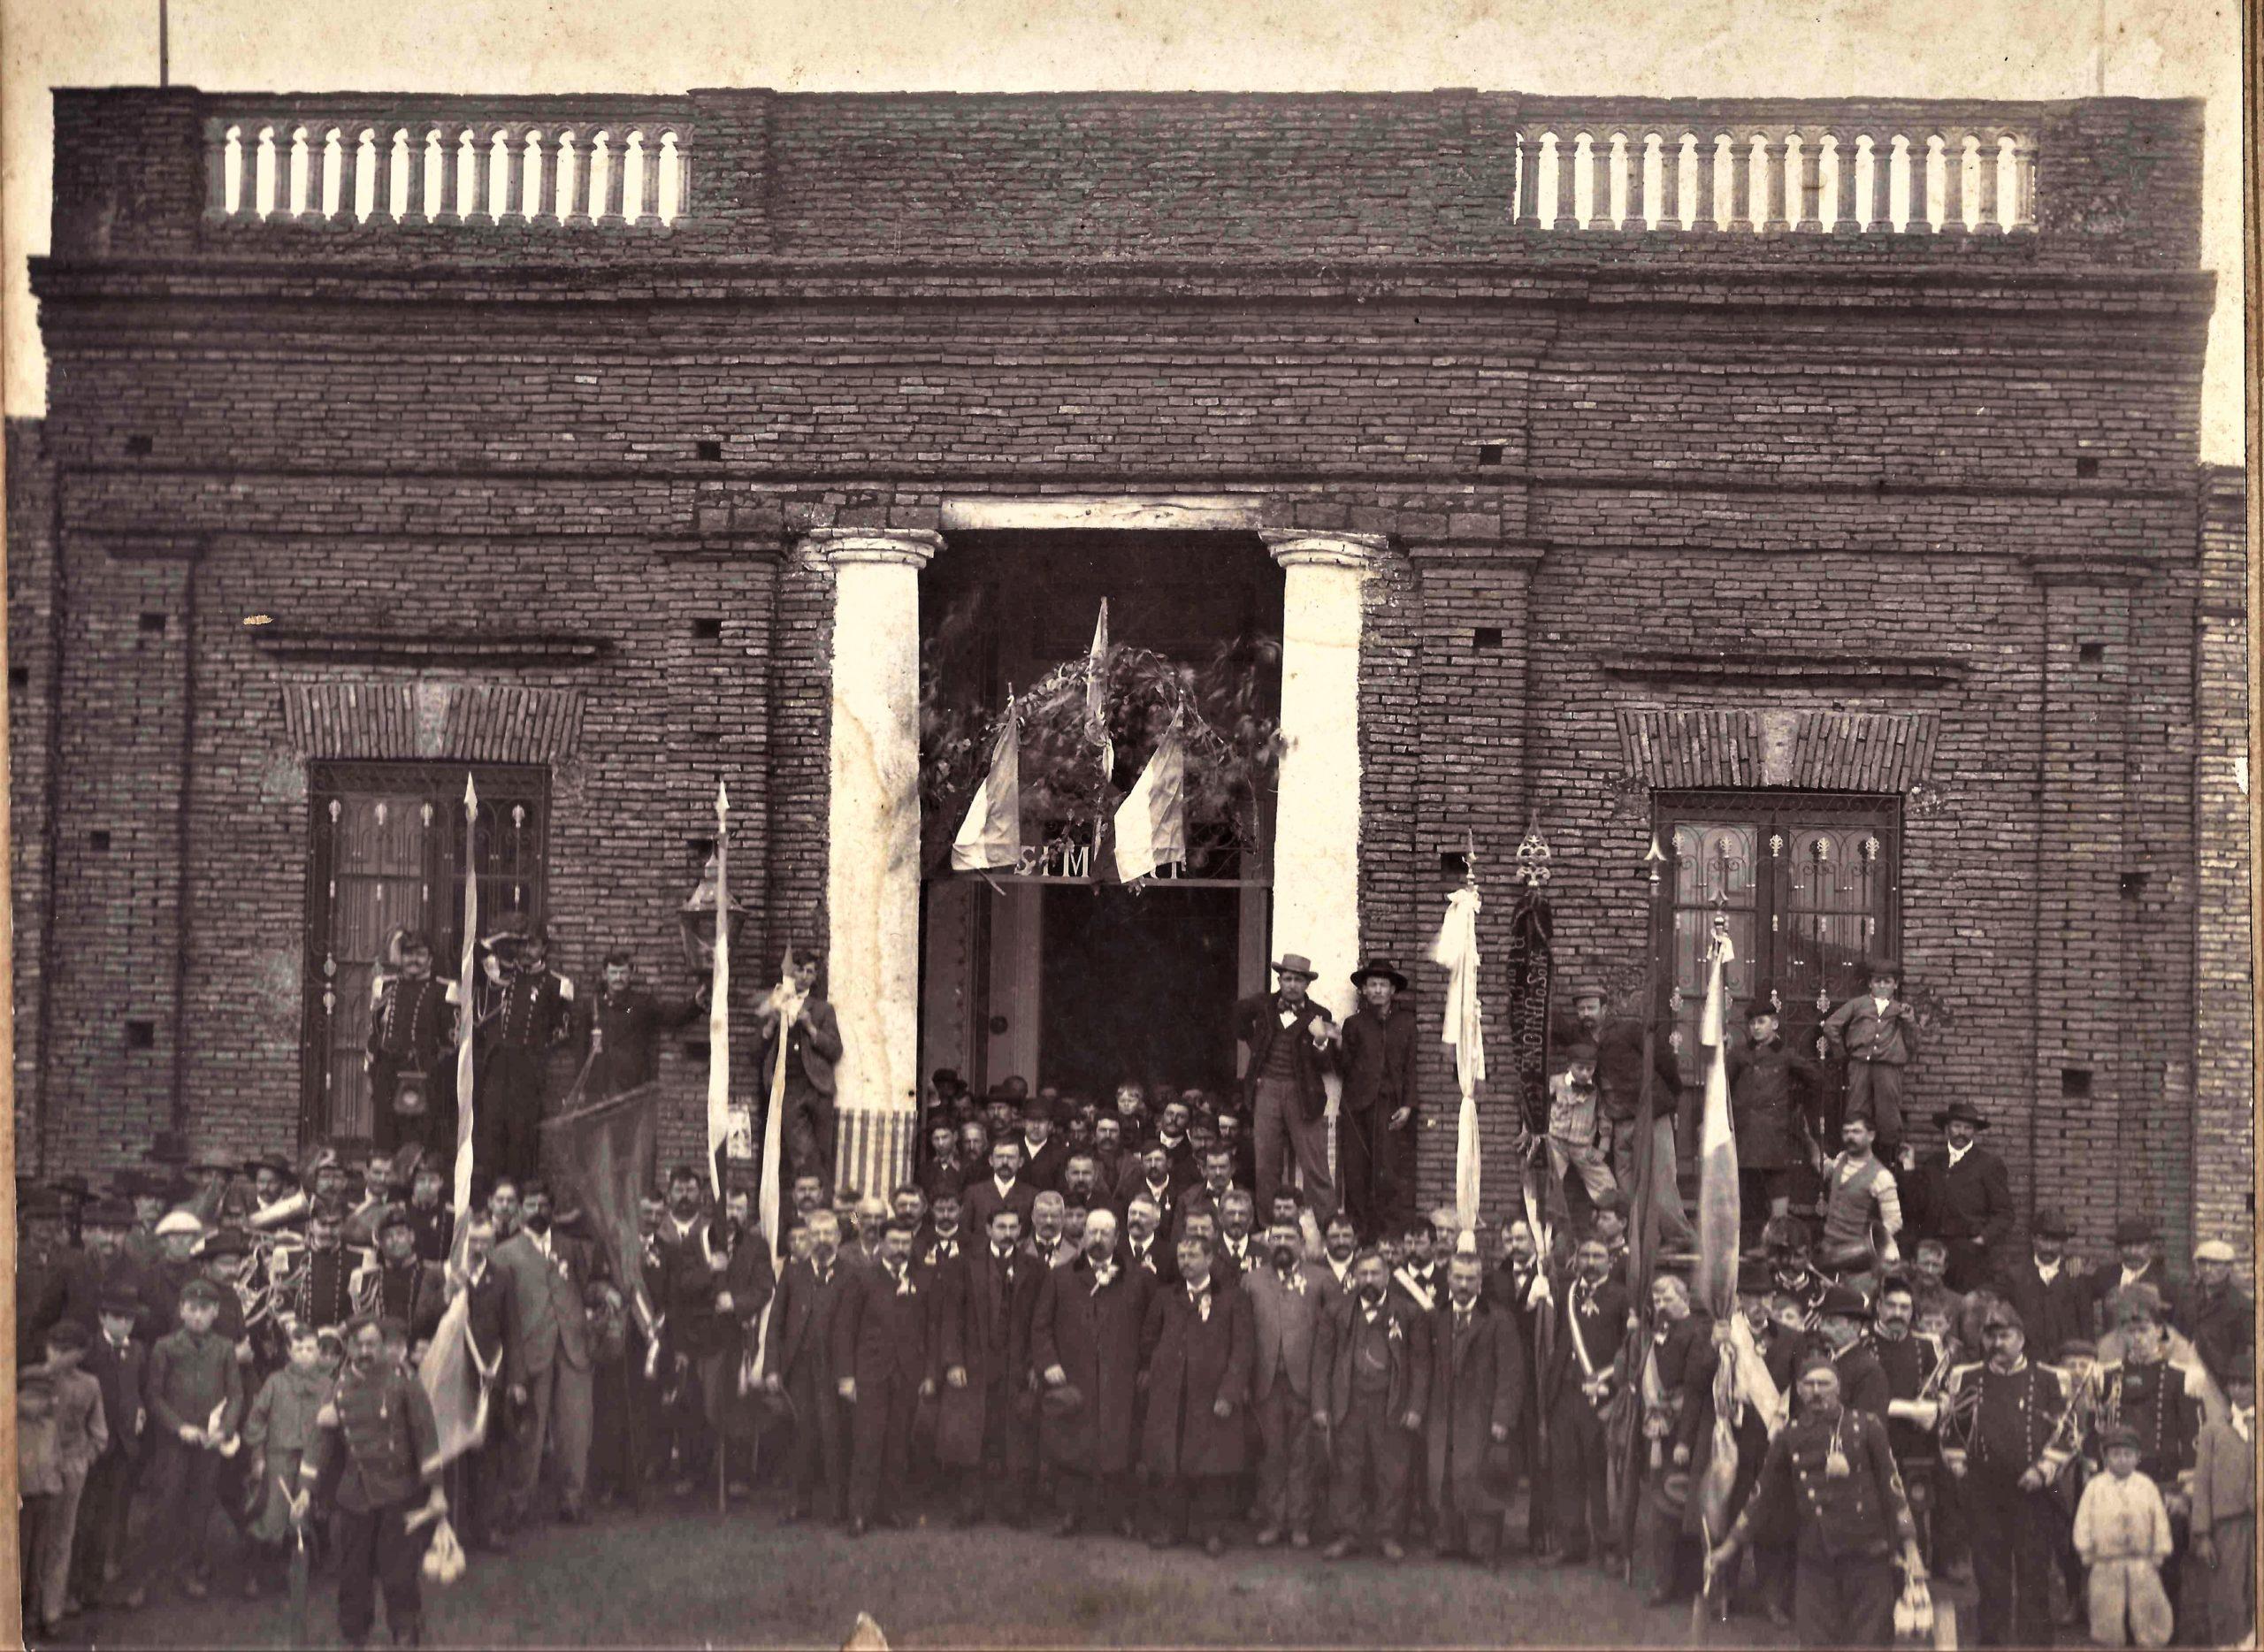 Fiesta del 20 de septiembre de 1904, Sede de la Sociedad Italiana, hoy Marabunta.